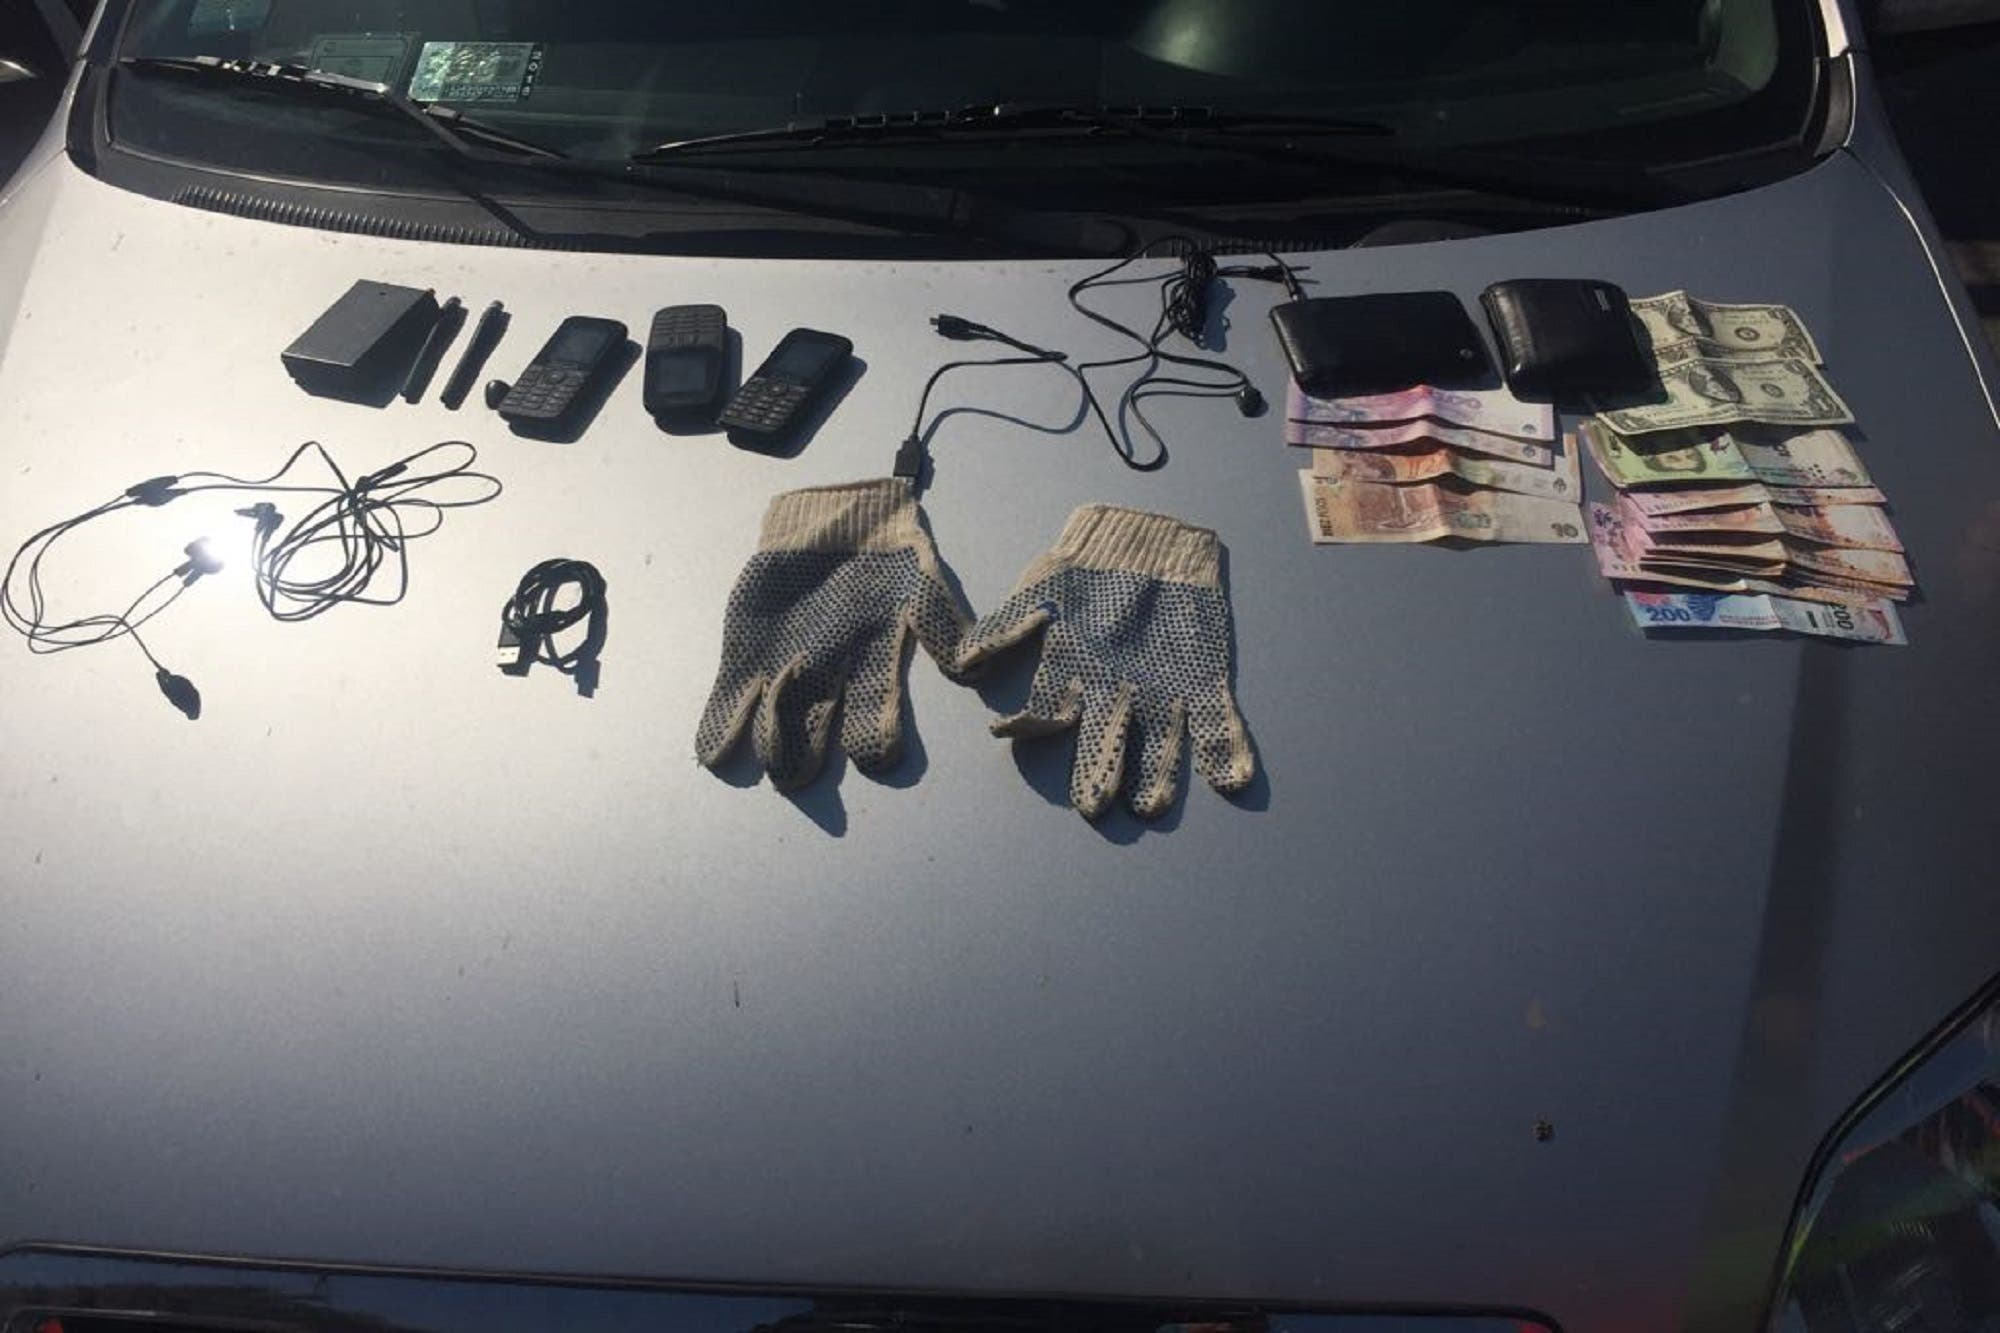 Desbaratan una banda que usaba inhibidores de alarmas para robar autos en distintas autopistas del conurbano